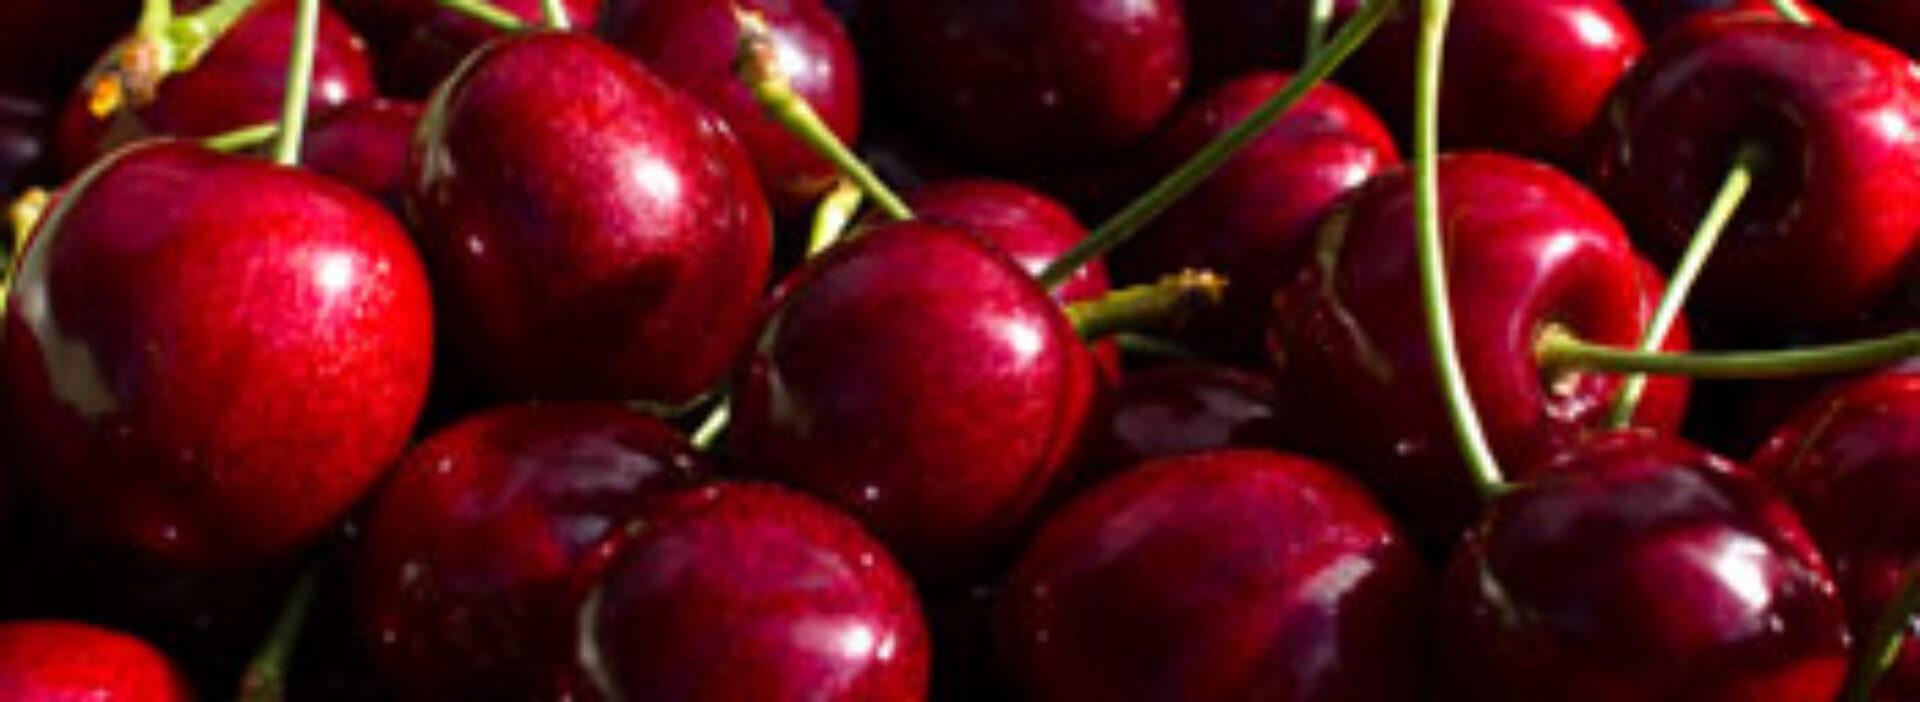 Ullensvang Fruktlager